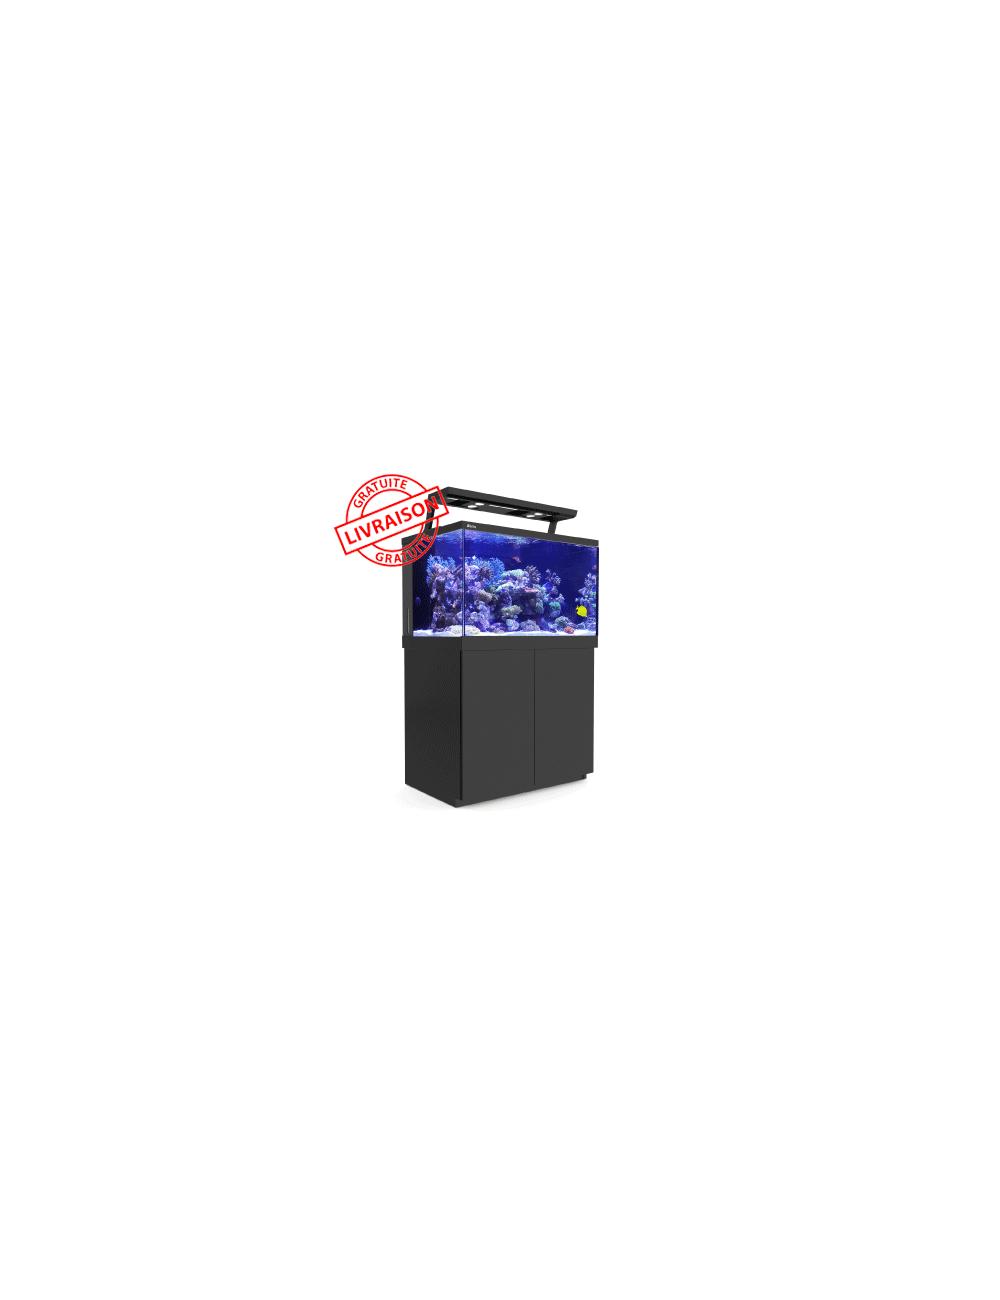 RED SEA - Aquarium Max® S-400 + LED 2x AI Hydra 26™ HD - Meuble noir - 400 litres